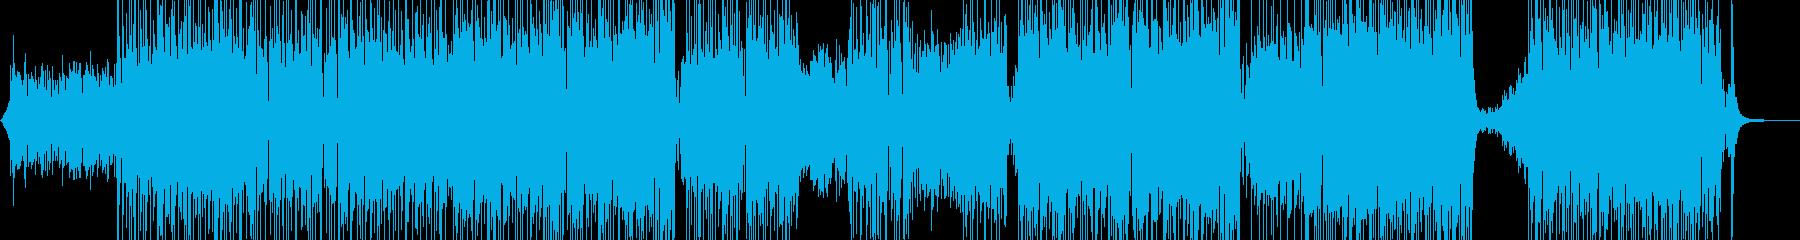 メルヘンな演出・ゆめかわポップス 長尺+の再生済みの波形